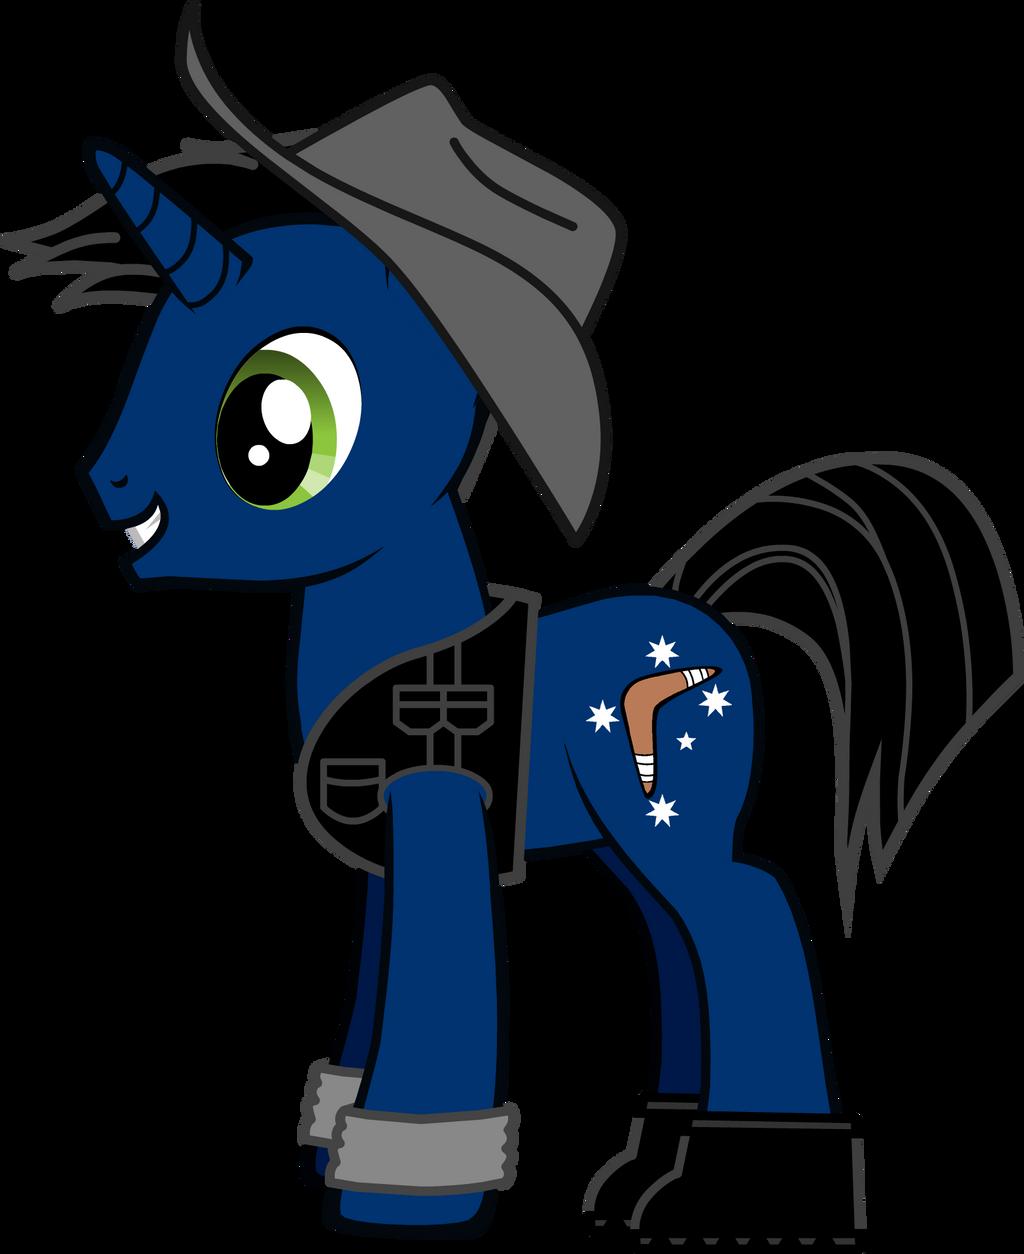 True Blue (My OC Pony)